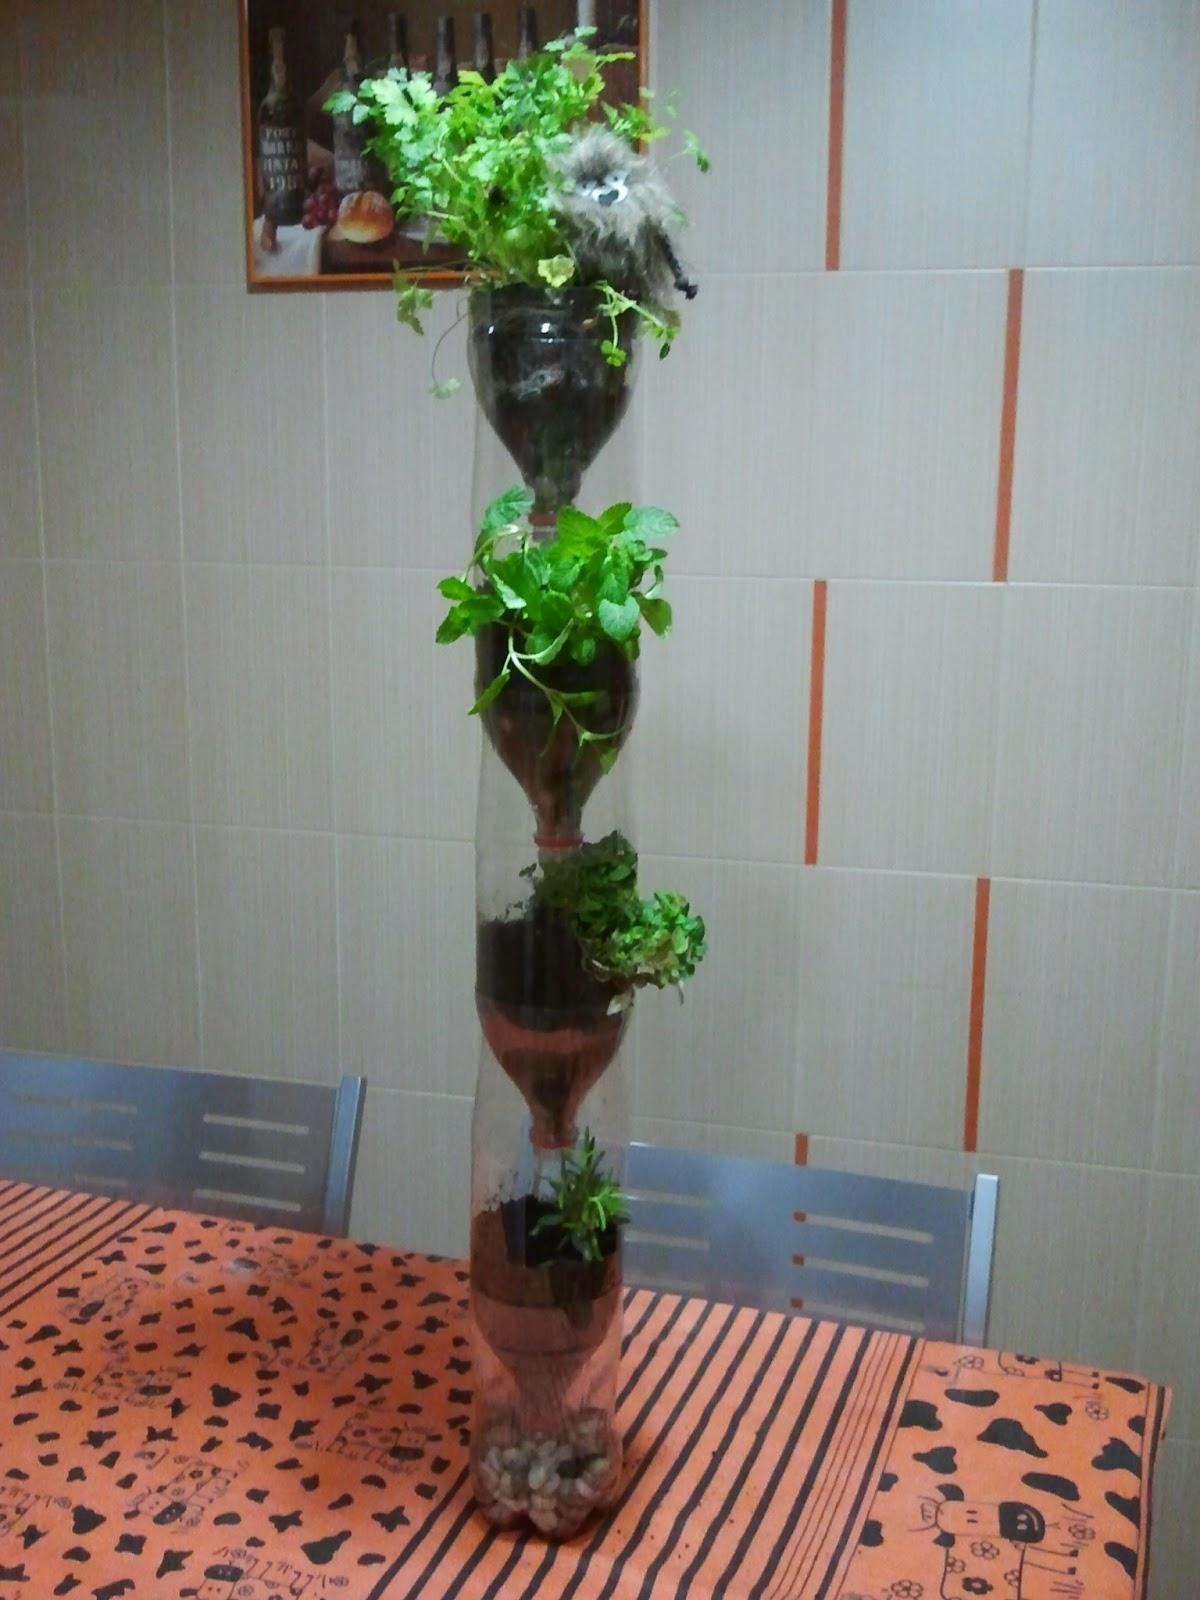 Proyectos Ecologicos Caseros De Material Reciclado